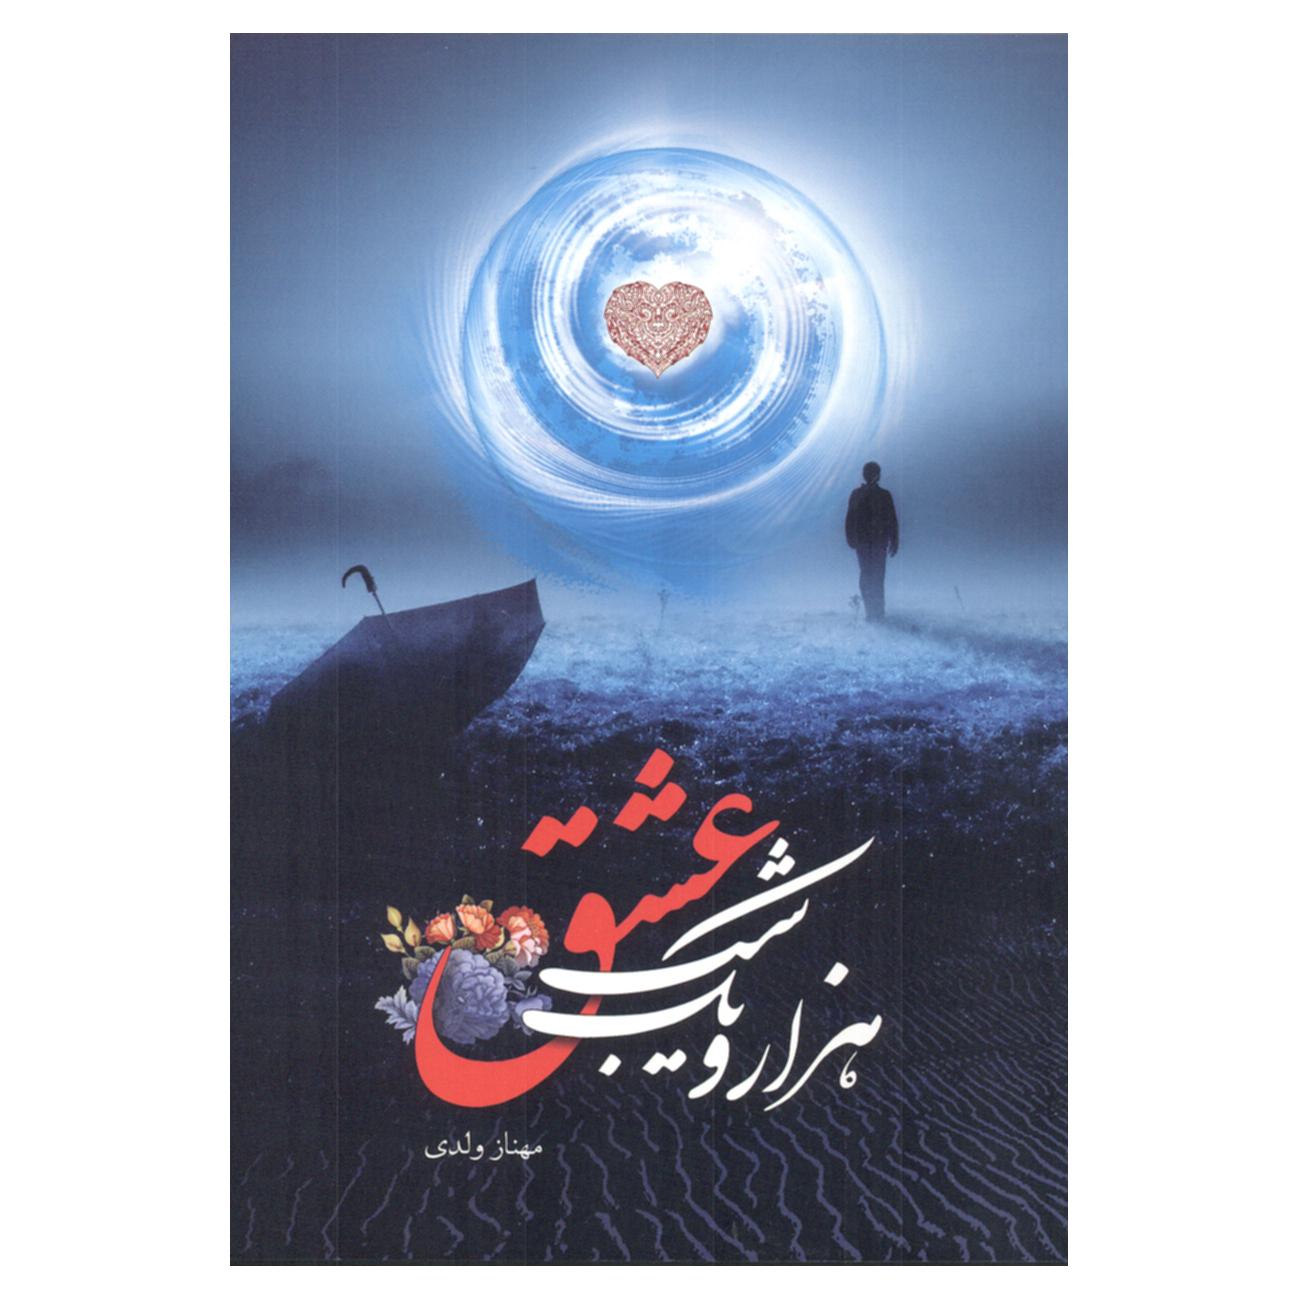 خرید                      کتاب هزار و یک شب عشق اثر مهناز ولدی انتشارات عصر جوان